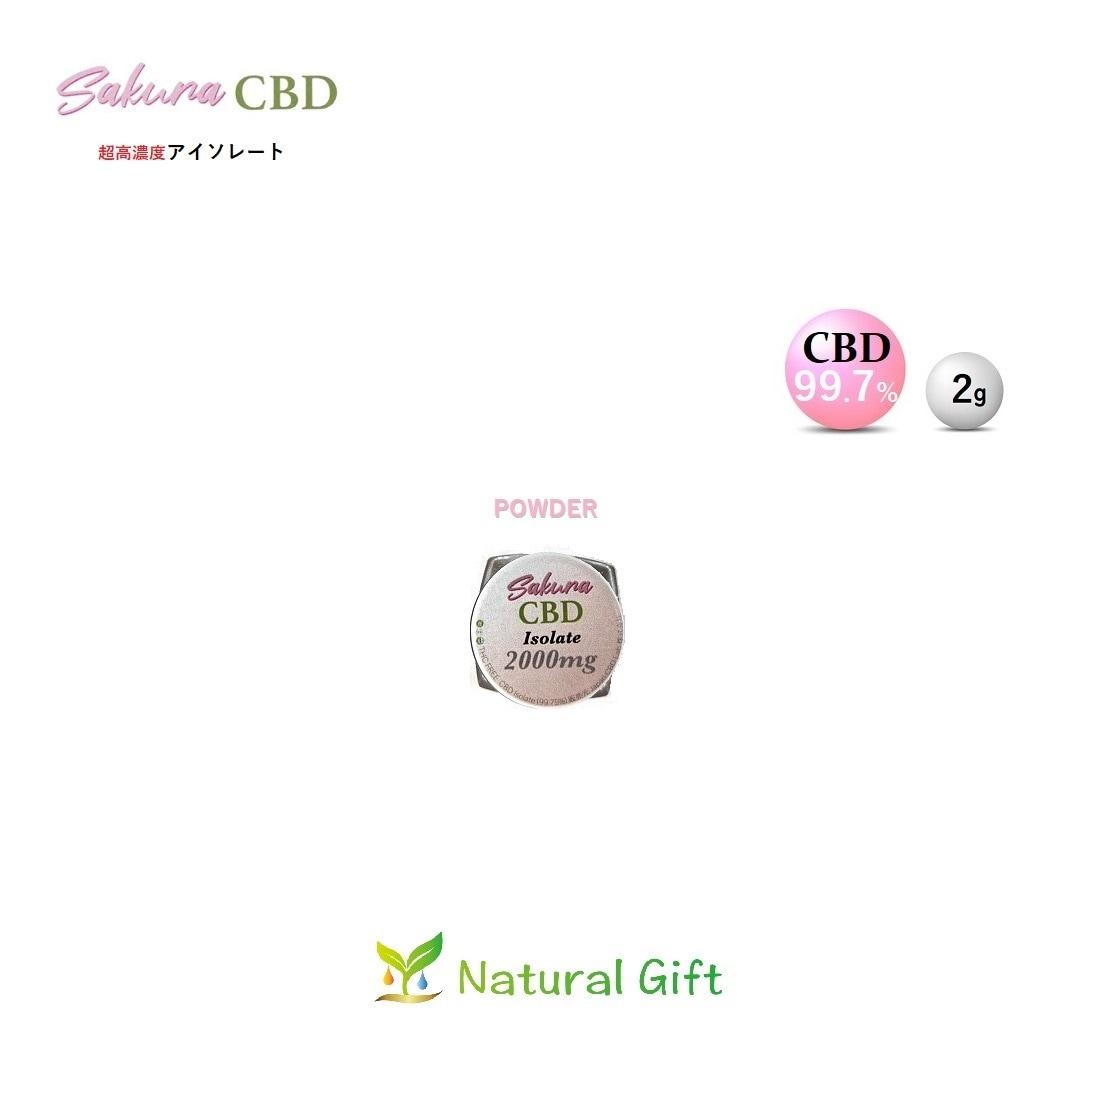 SAKURA CBD Isolate powder 濃度 99% 2g サクラ CBD アイソレート パウダー 高濃度 2000mg カンビジオール カンナビノイド